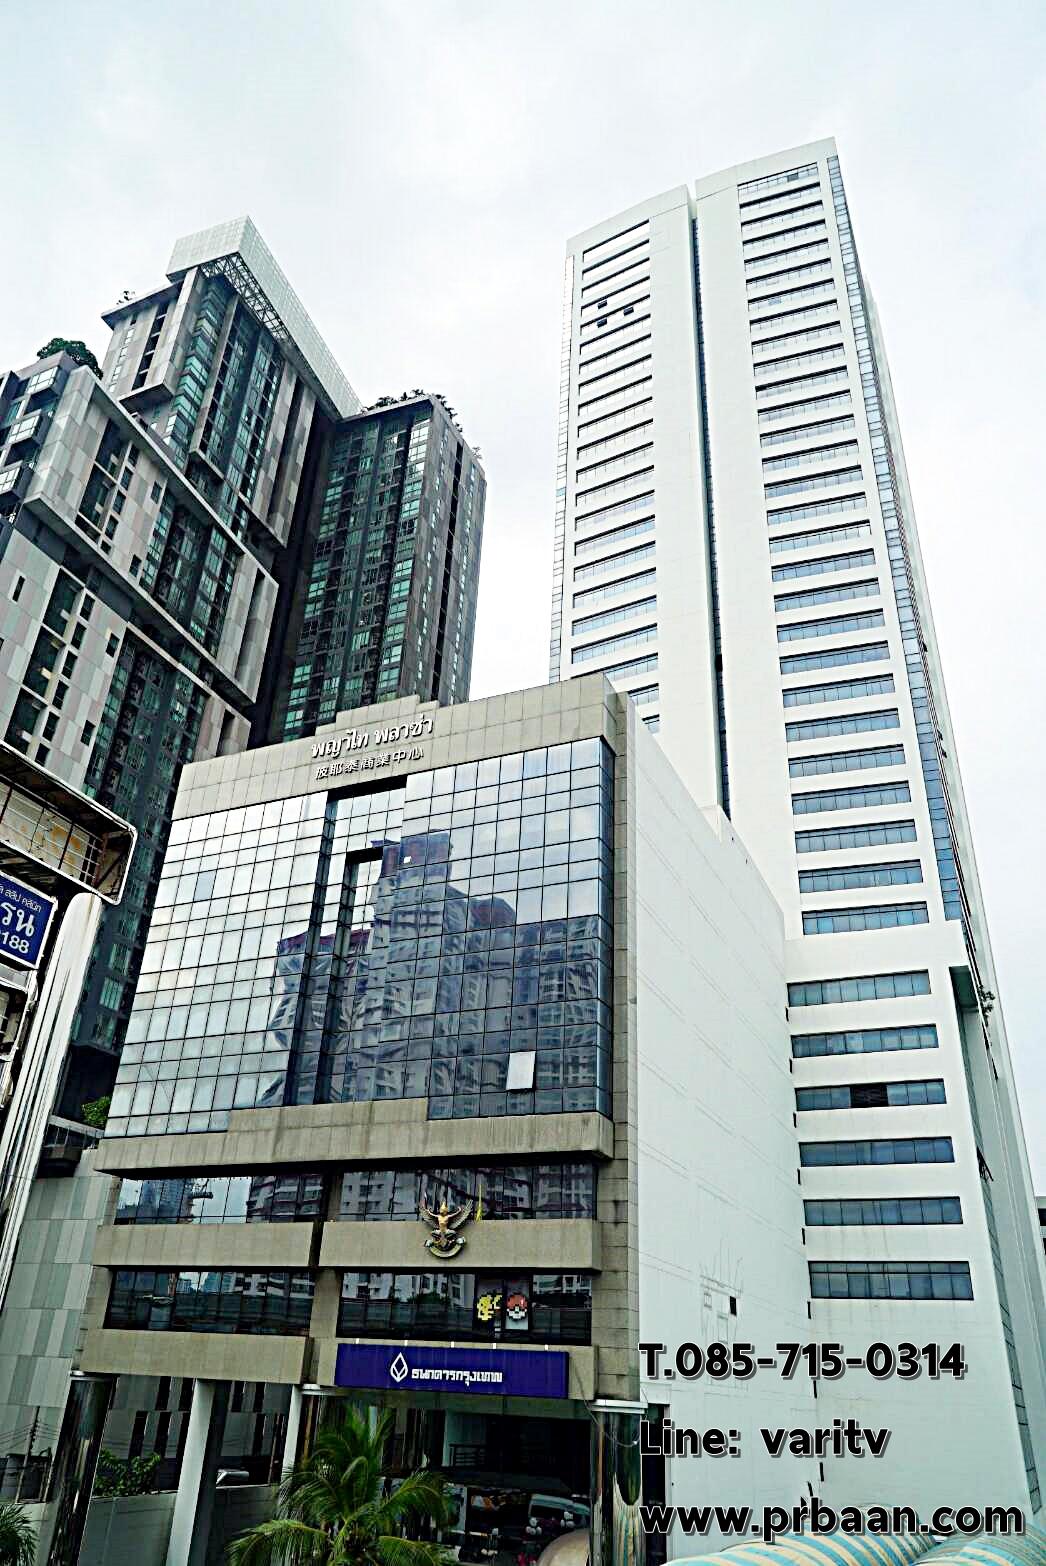 ออฟฟิศ ขาย @ พญาไท พลาซ่า ติดรถไฟฟ้า BTS และ แอร์พอร์ทลิงค์ พญาไท เพียง 50 ม. พร้อมผู้เช่า อาคาร สำนักงาน พญาไทพลาซ่า ถนนพญาไท, ราชเทวี, กรุงเทพ